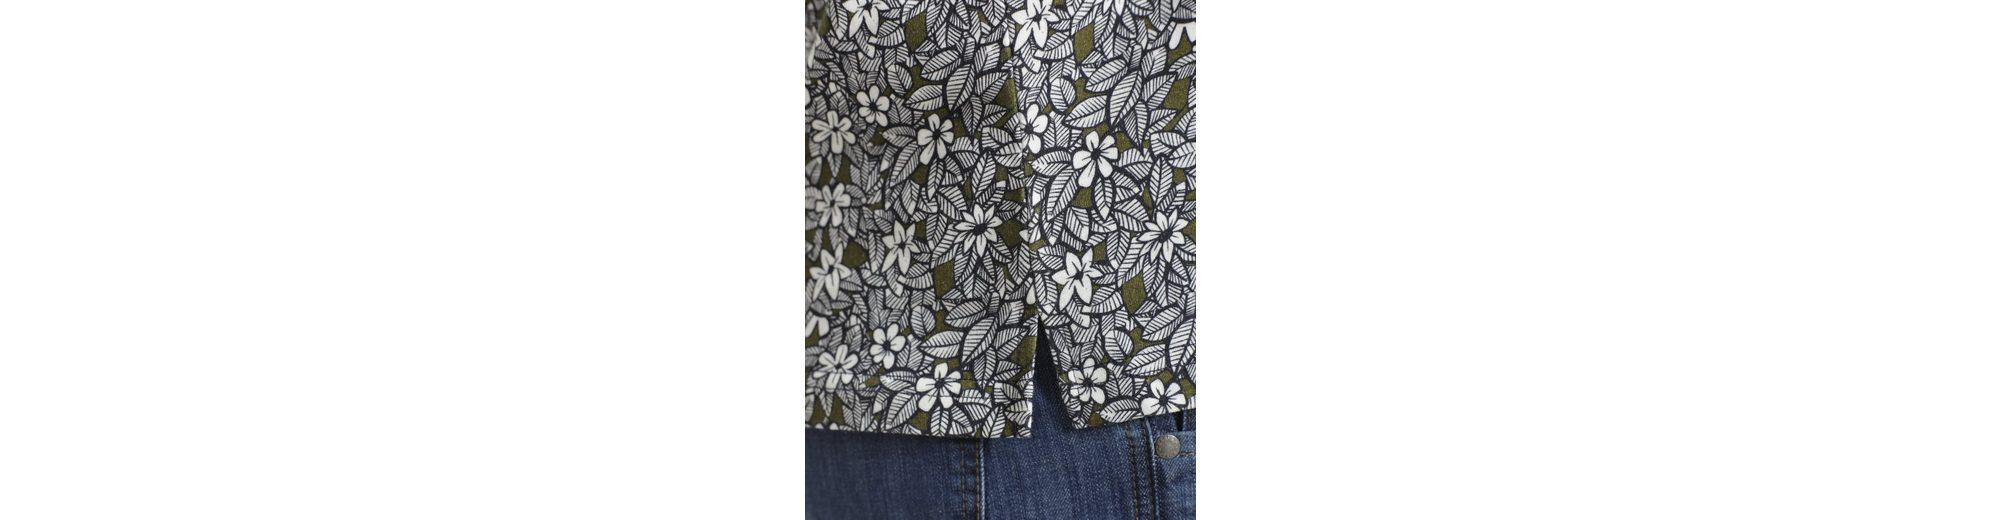 Günstig Kaufen Finden Große Babista Poloshirt mit modischem Druckmuster Rabatt Mit Paypal Auslass 100% Garantiert Online-Shopping-Original Verkauf 100% Garantiert wcAcOxzQ